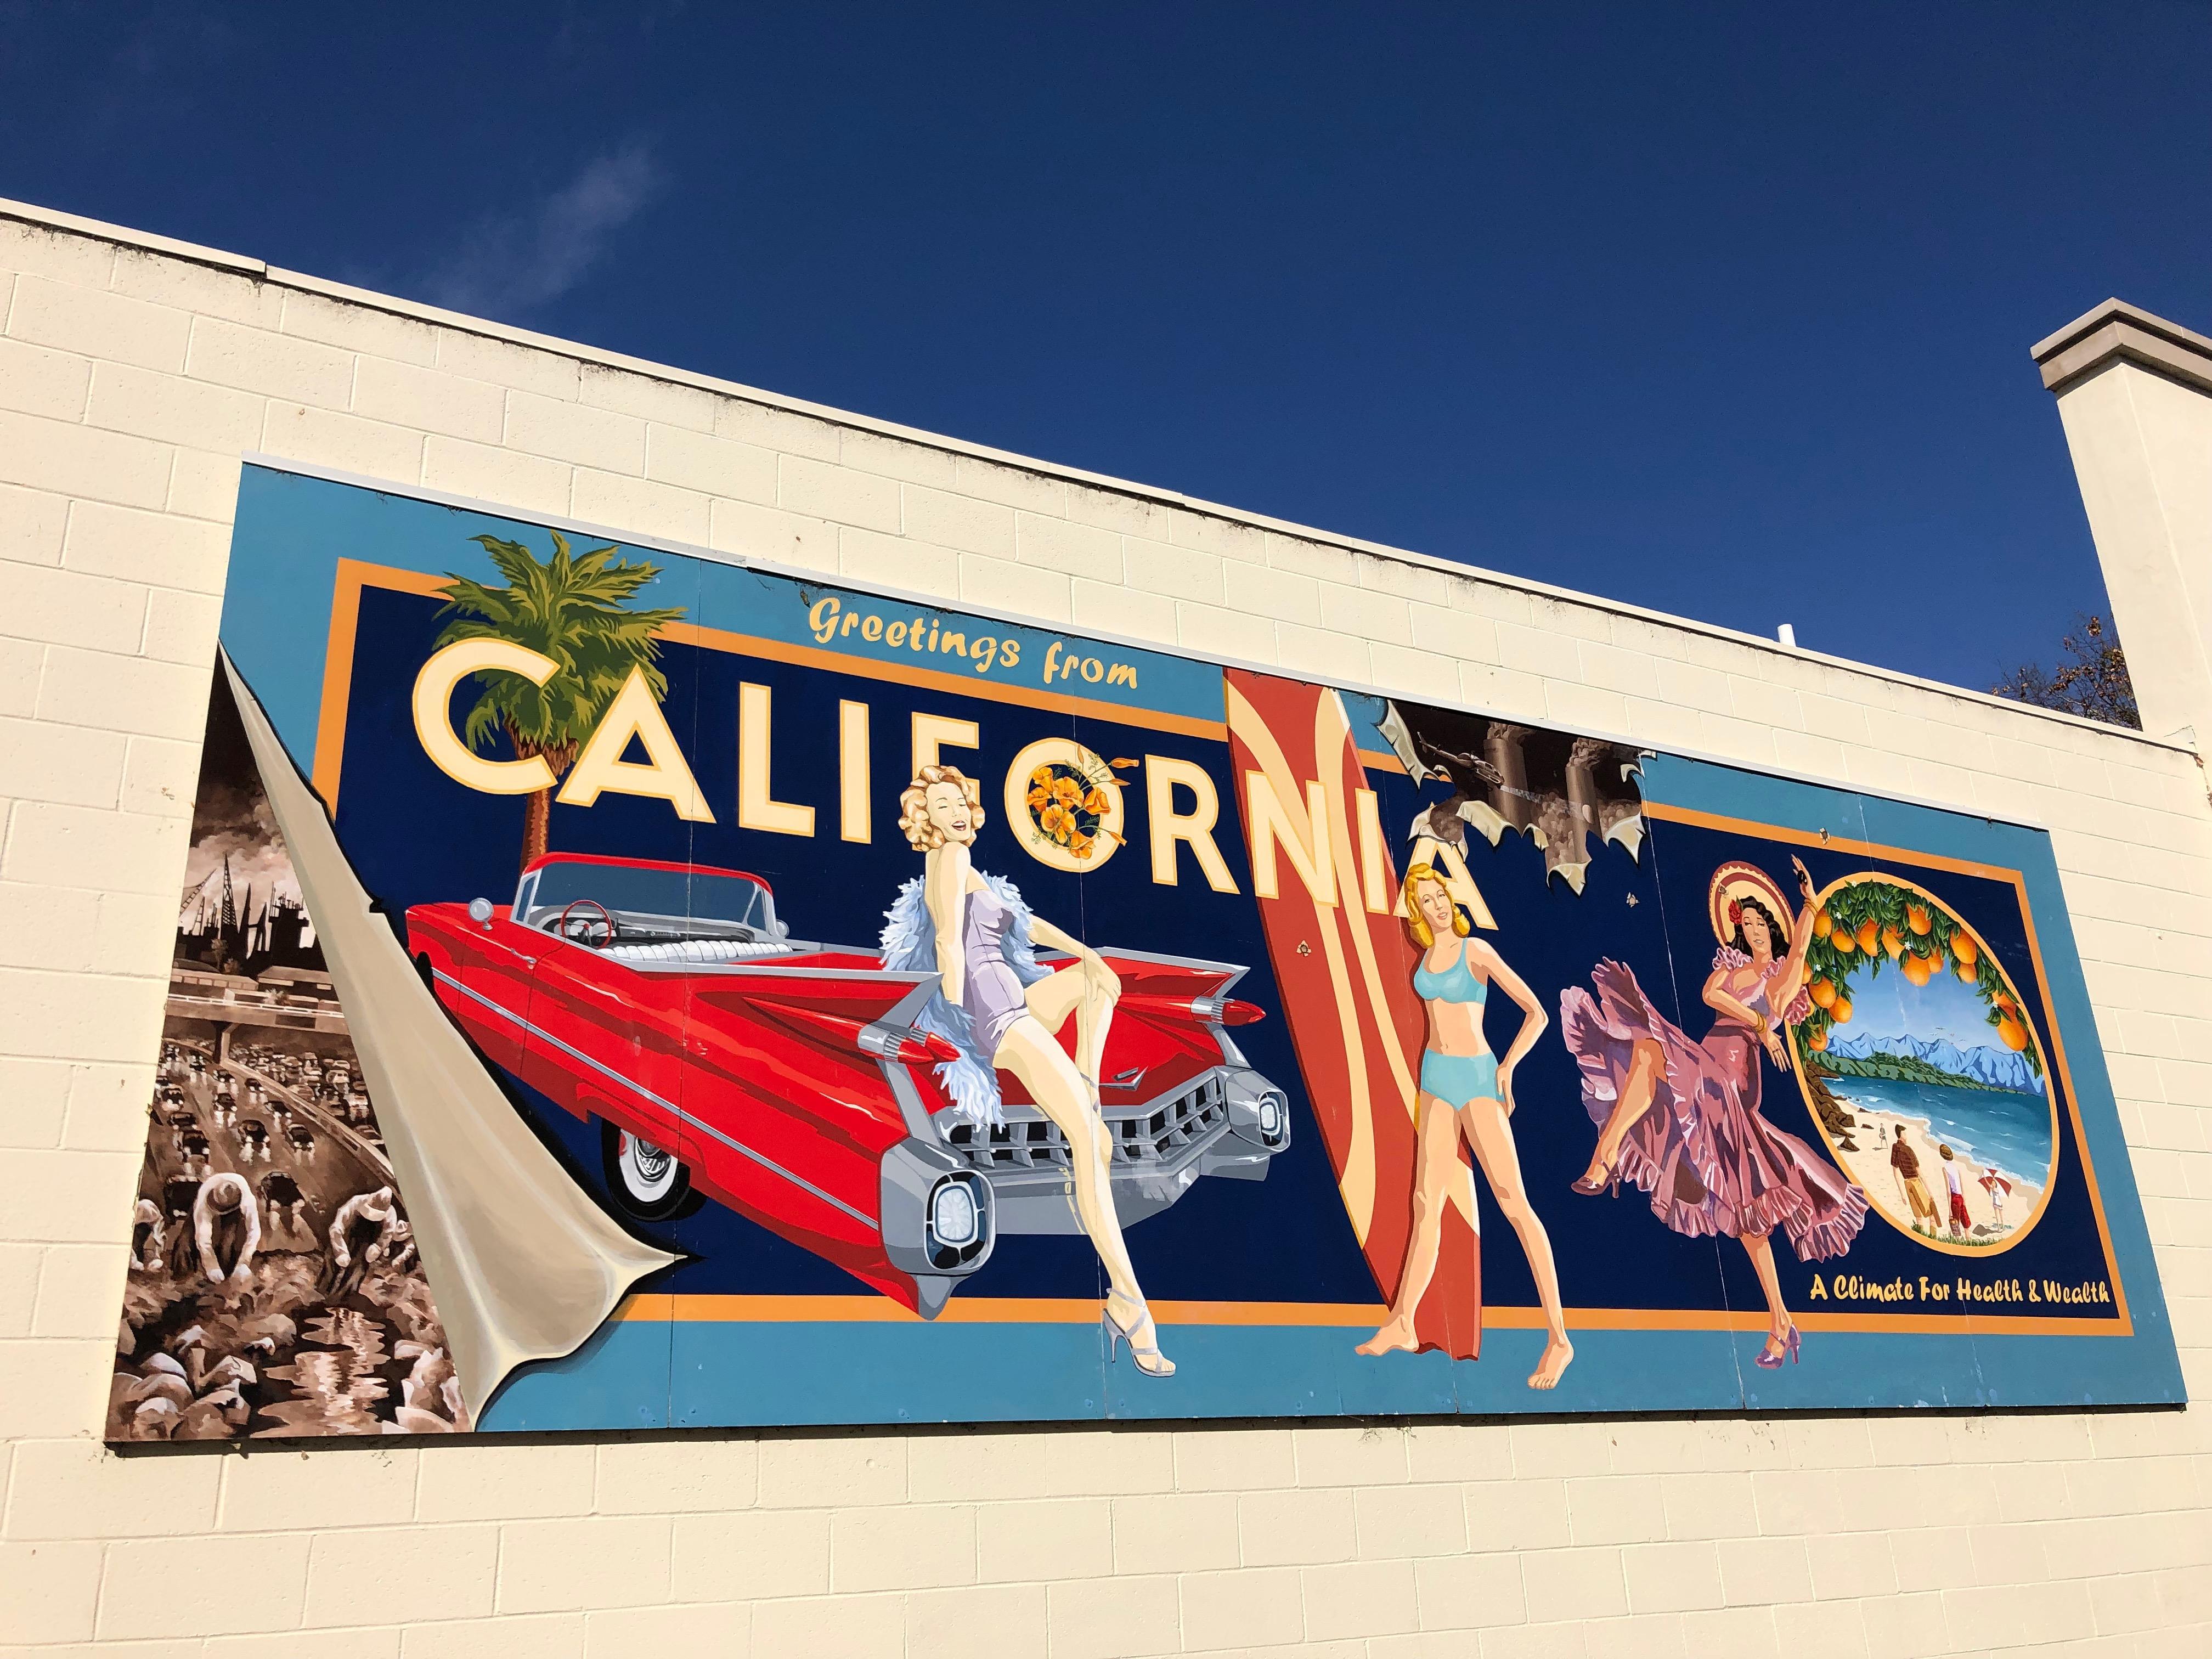 A mural celebrating California.